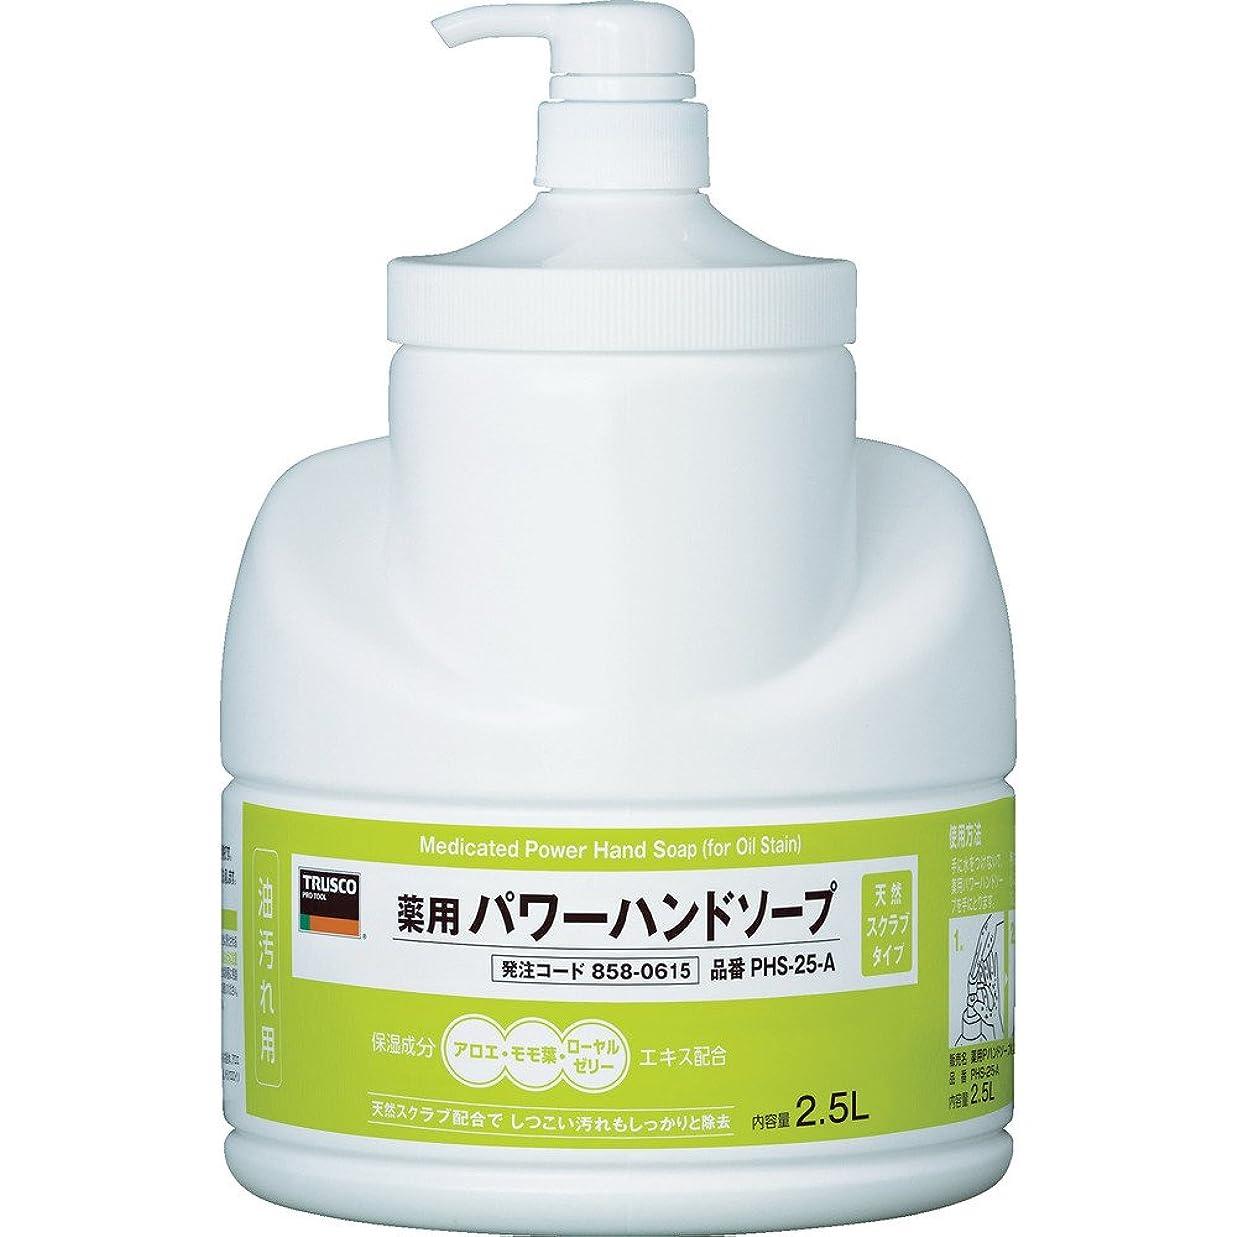 キャンペーンワット古くなったTRUSCO(トラスコ) 薬用パワーハンドソープポンプボトル 2.5L PHS-25-A